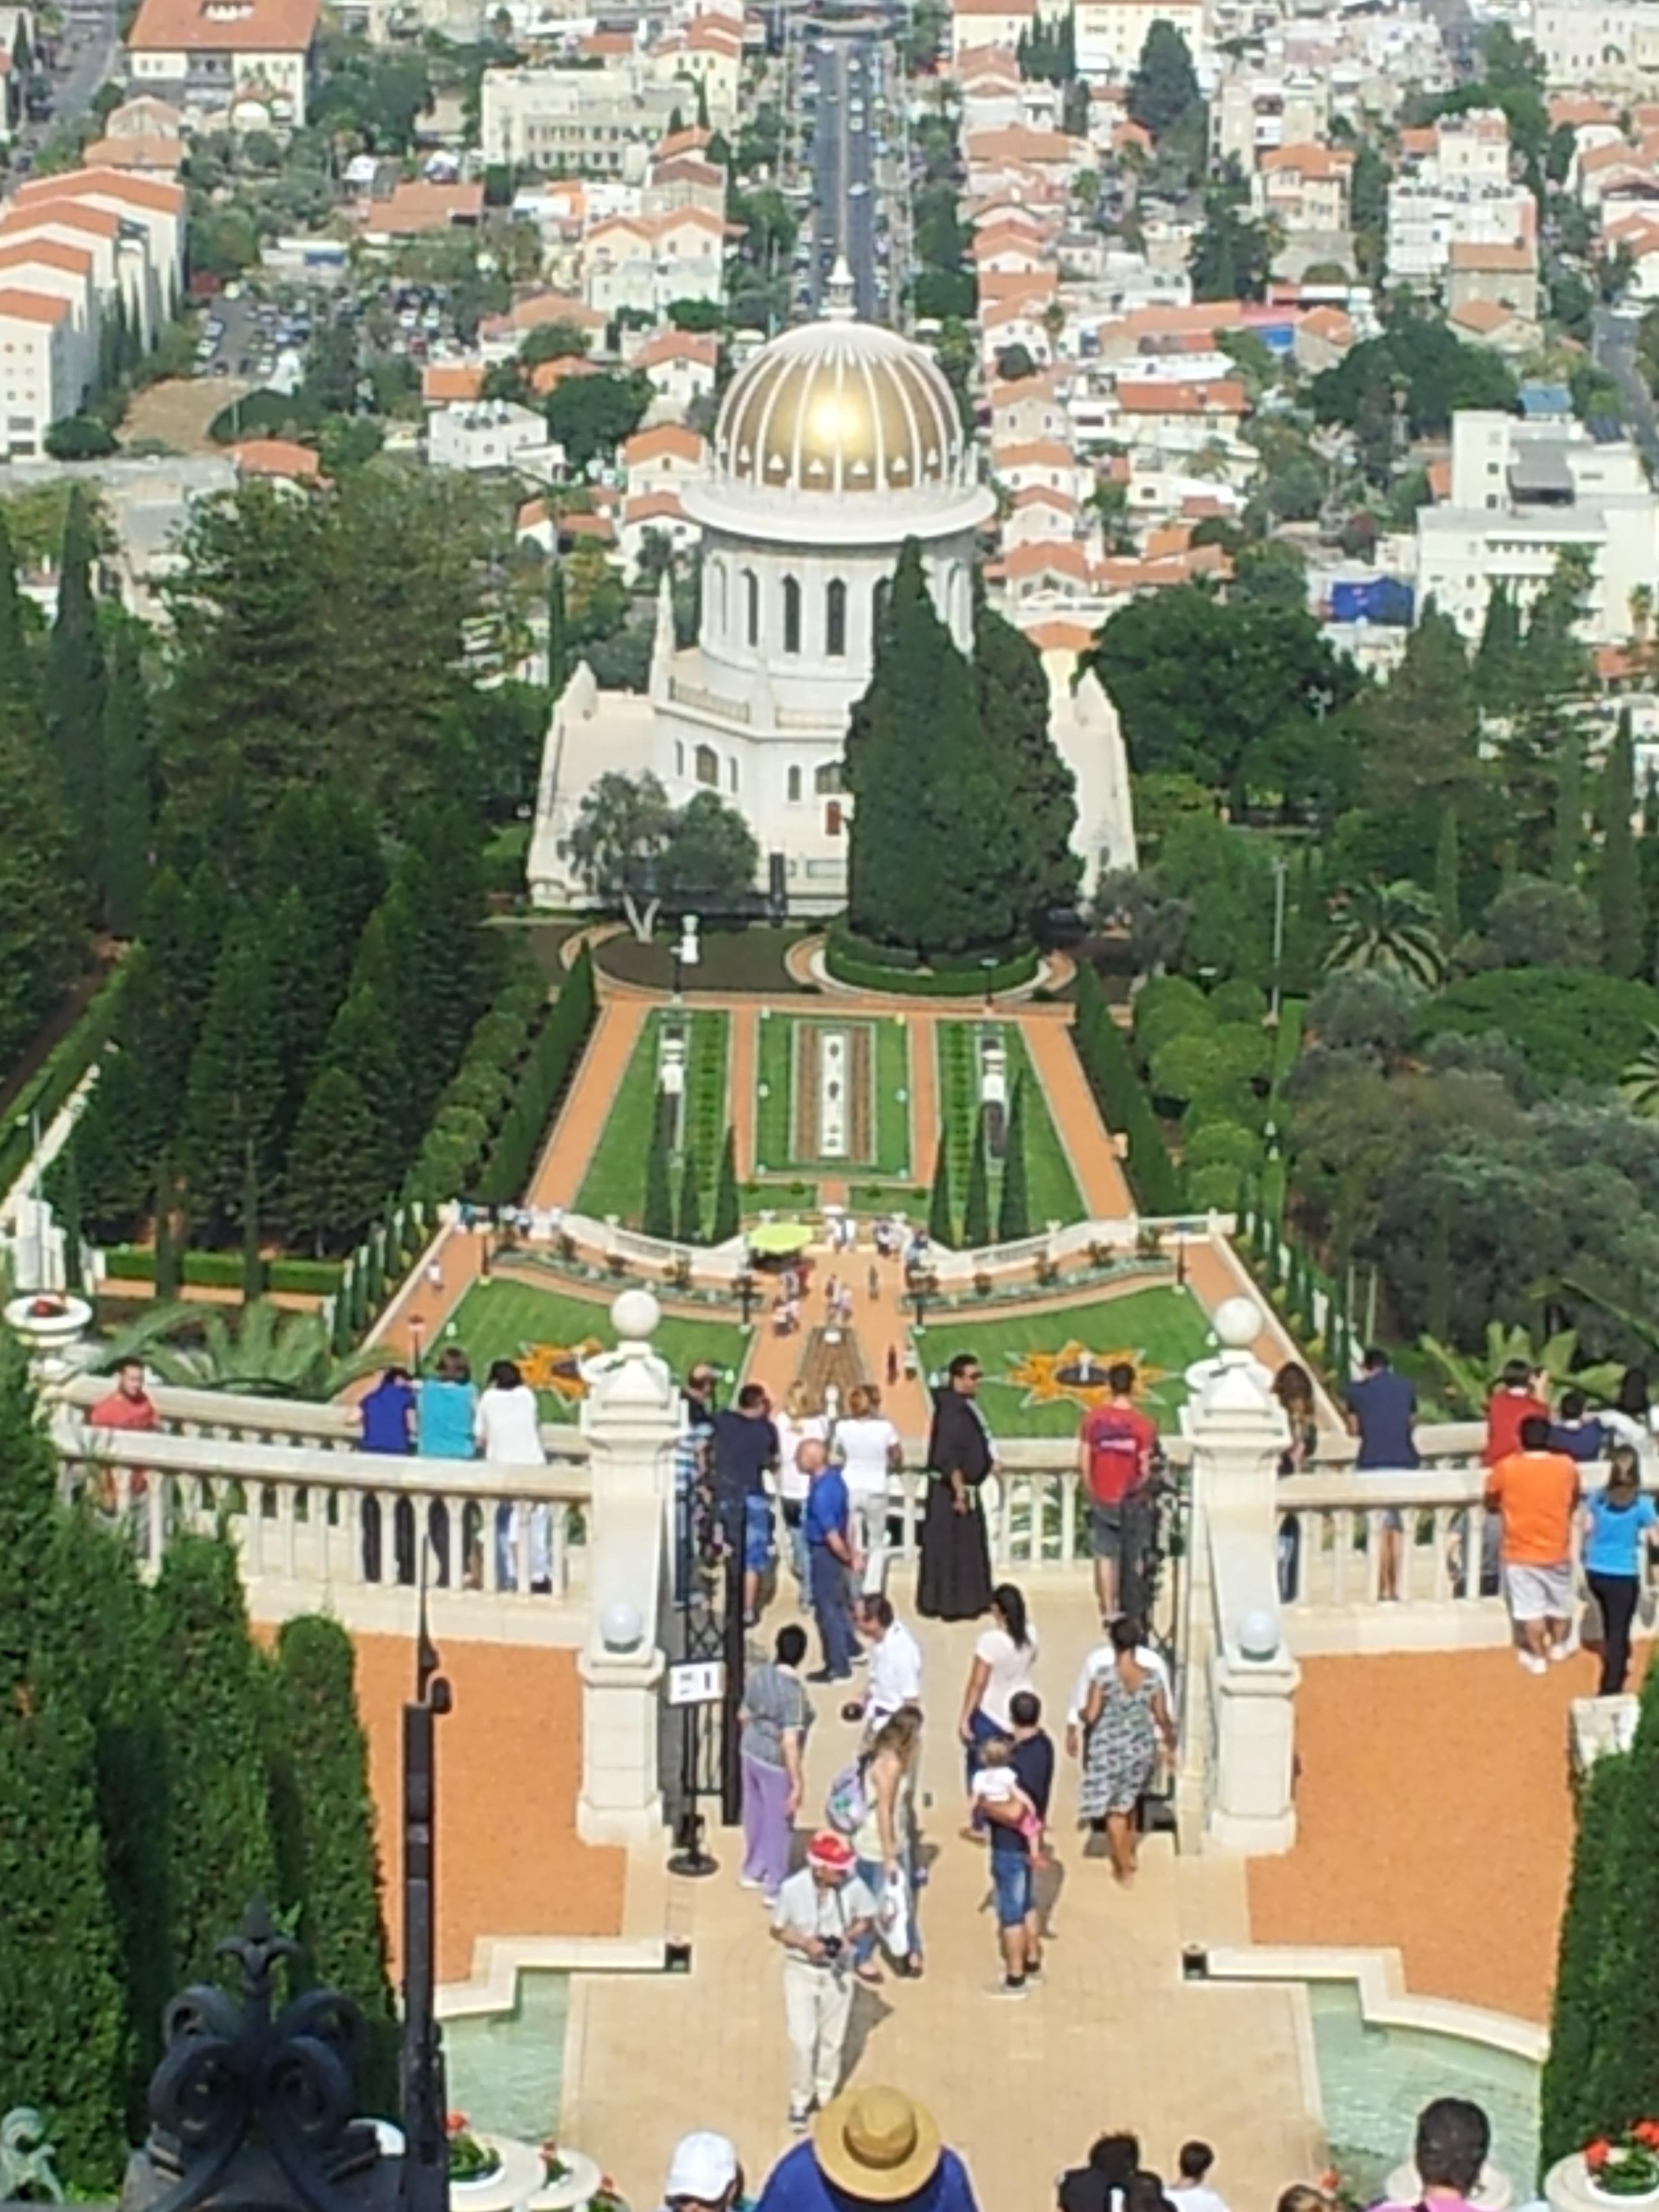 חיפה והגנים הבהאיים